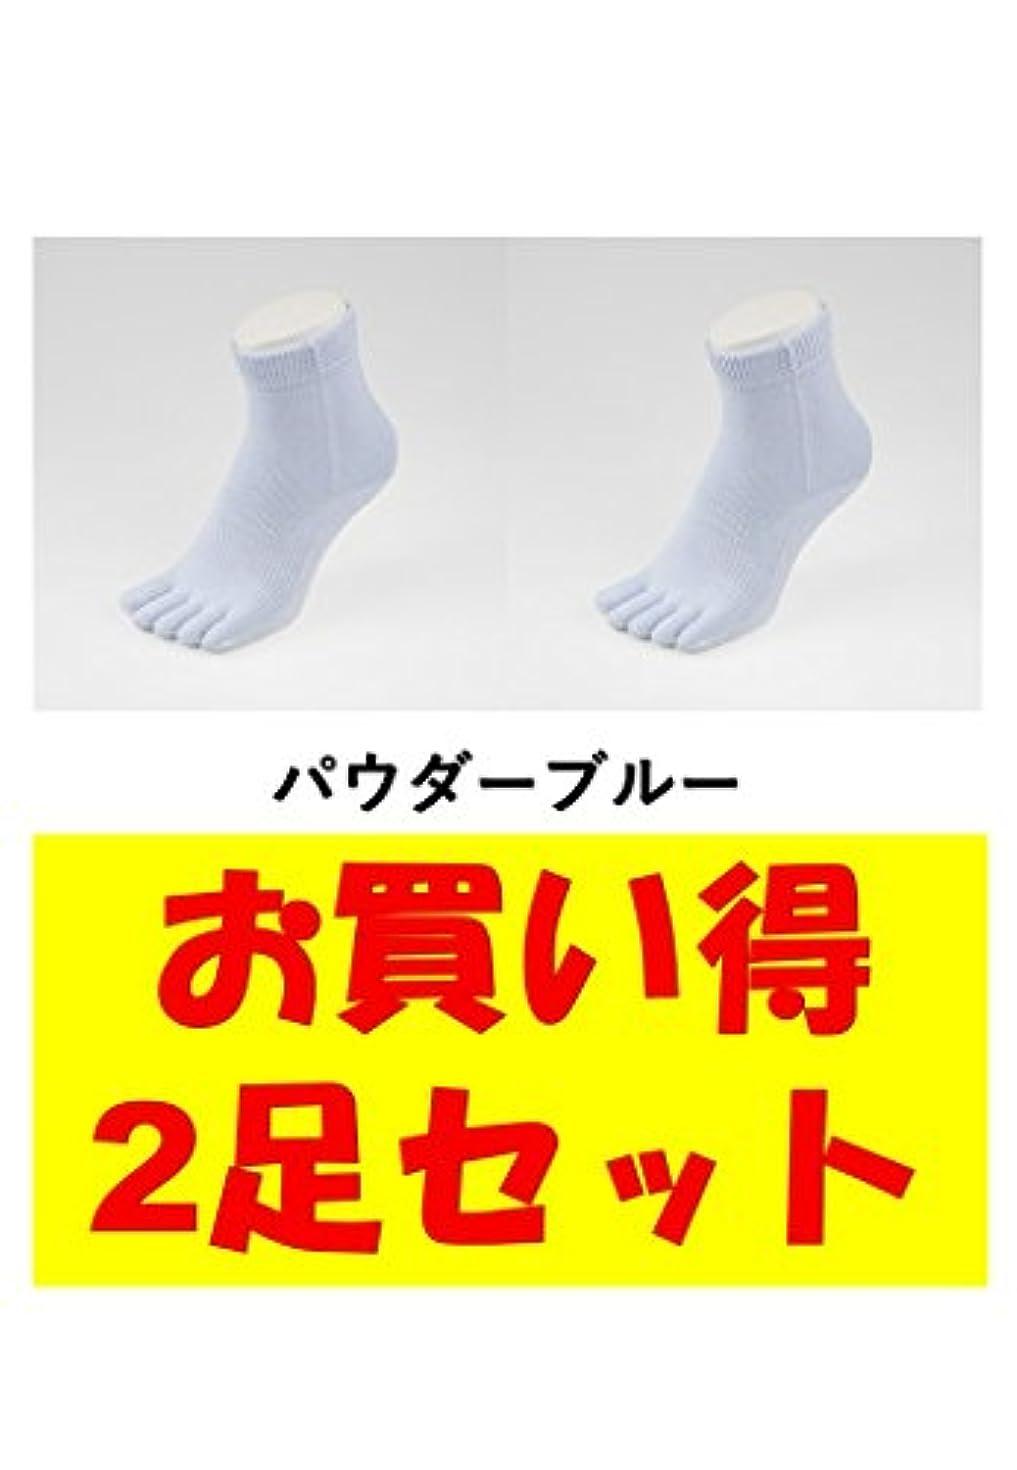 シールド崖成熟お買い得2足セット 5本指 ゆびのばソックス Neo EVE(イヴ) パウダーブルー iサイズ(23.5cm - 25.5cm) YSNEVE-PBL